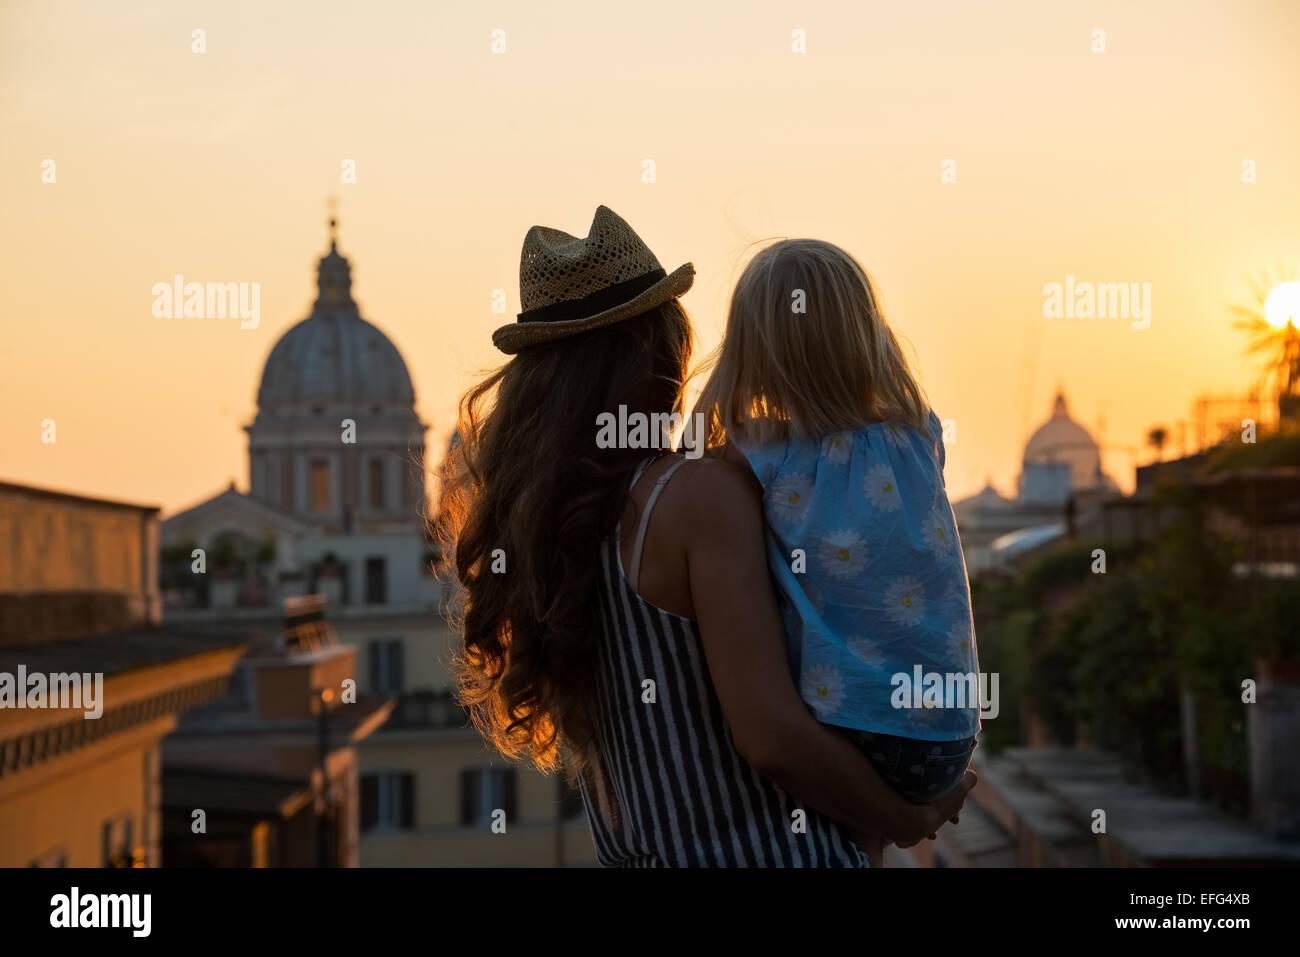 Silhouette von Mutter und Baby Mädchen auf der Suche auf den Dächern von Rom am Sonnenuntergang. Rückansicht Stockbild